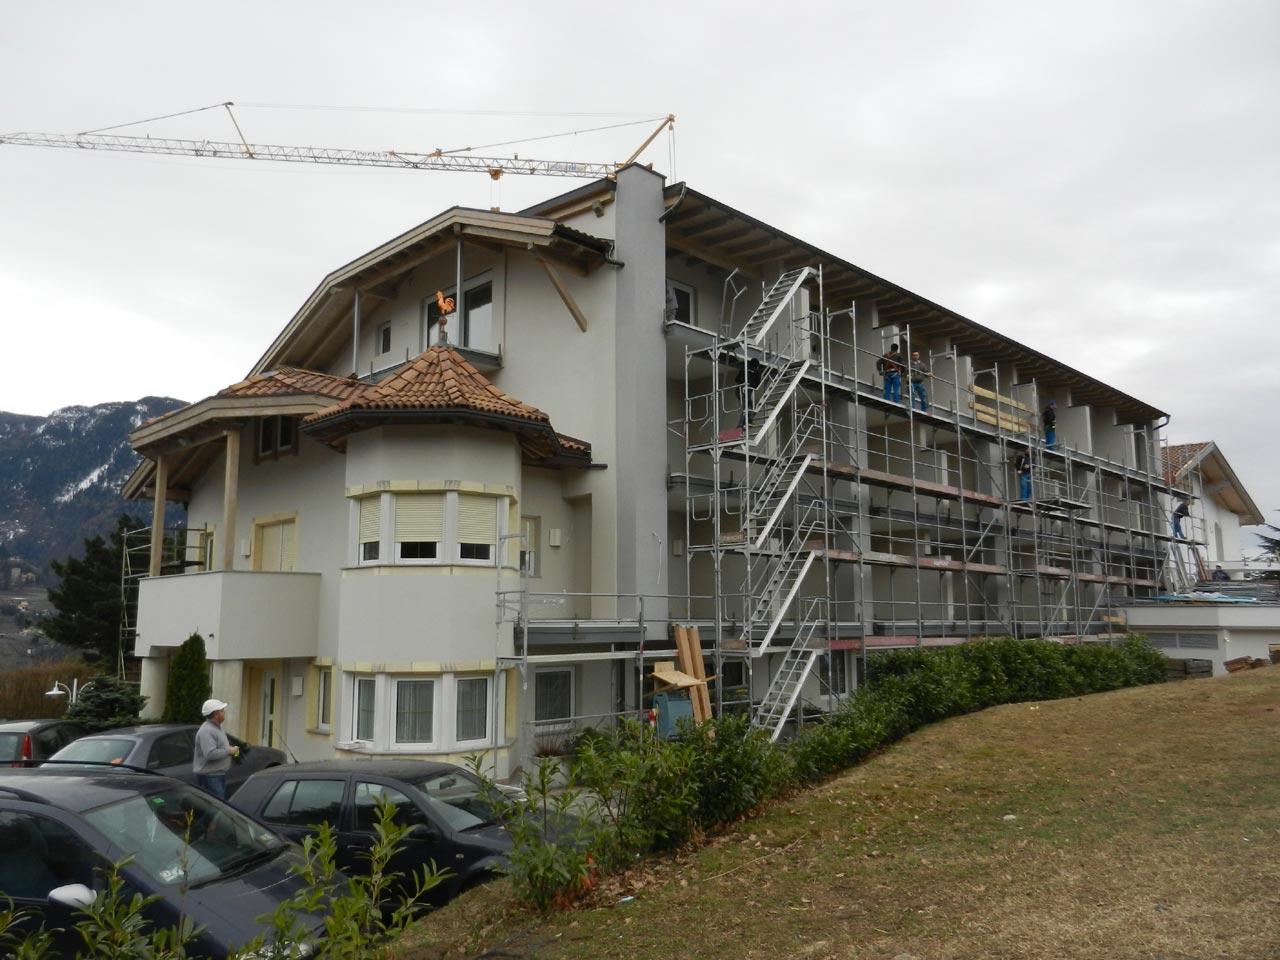 Hotel Sonnbichl Dorf Tirol Bormuth Planb